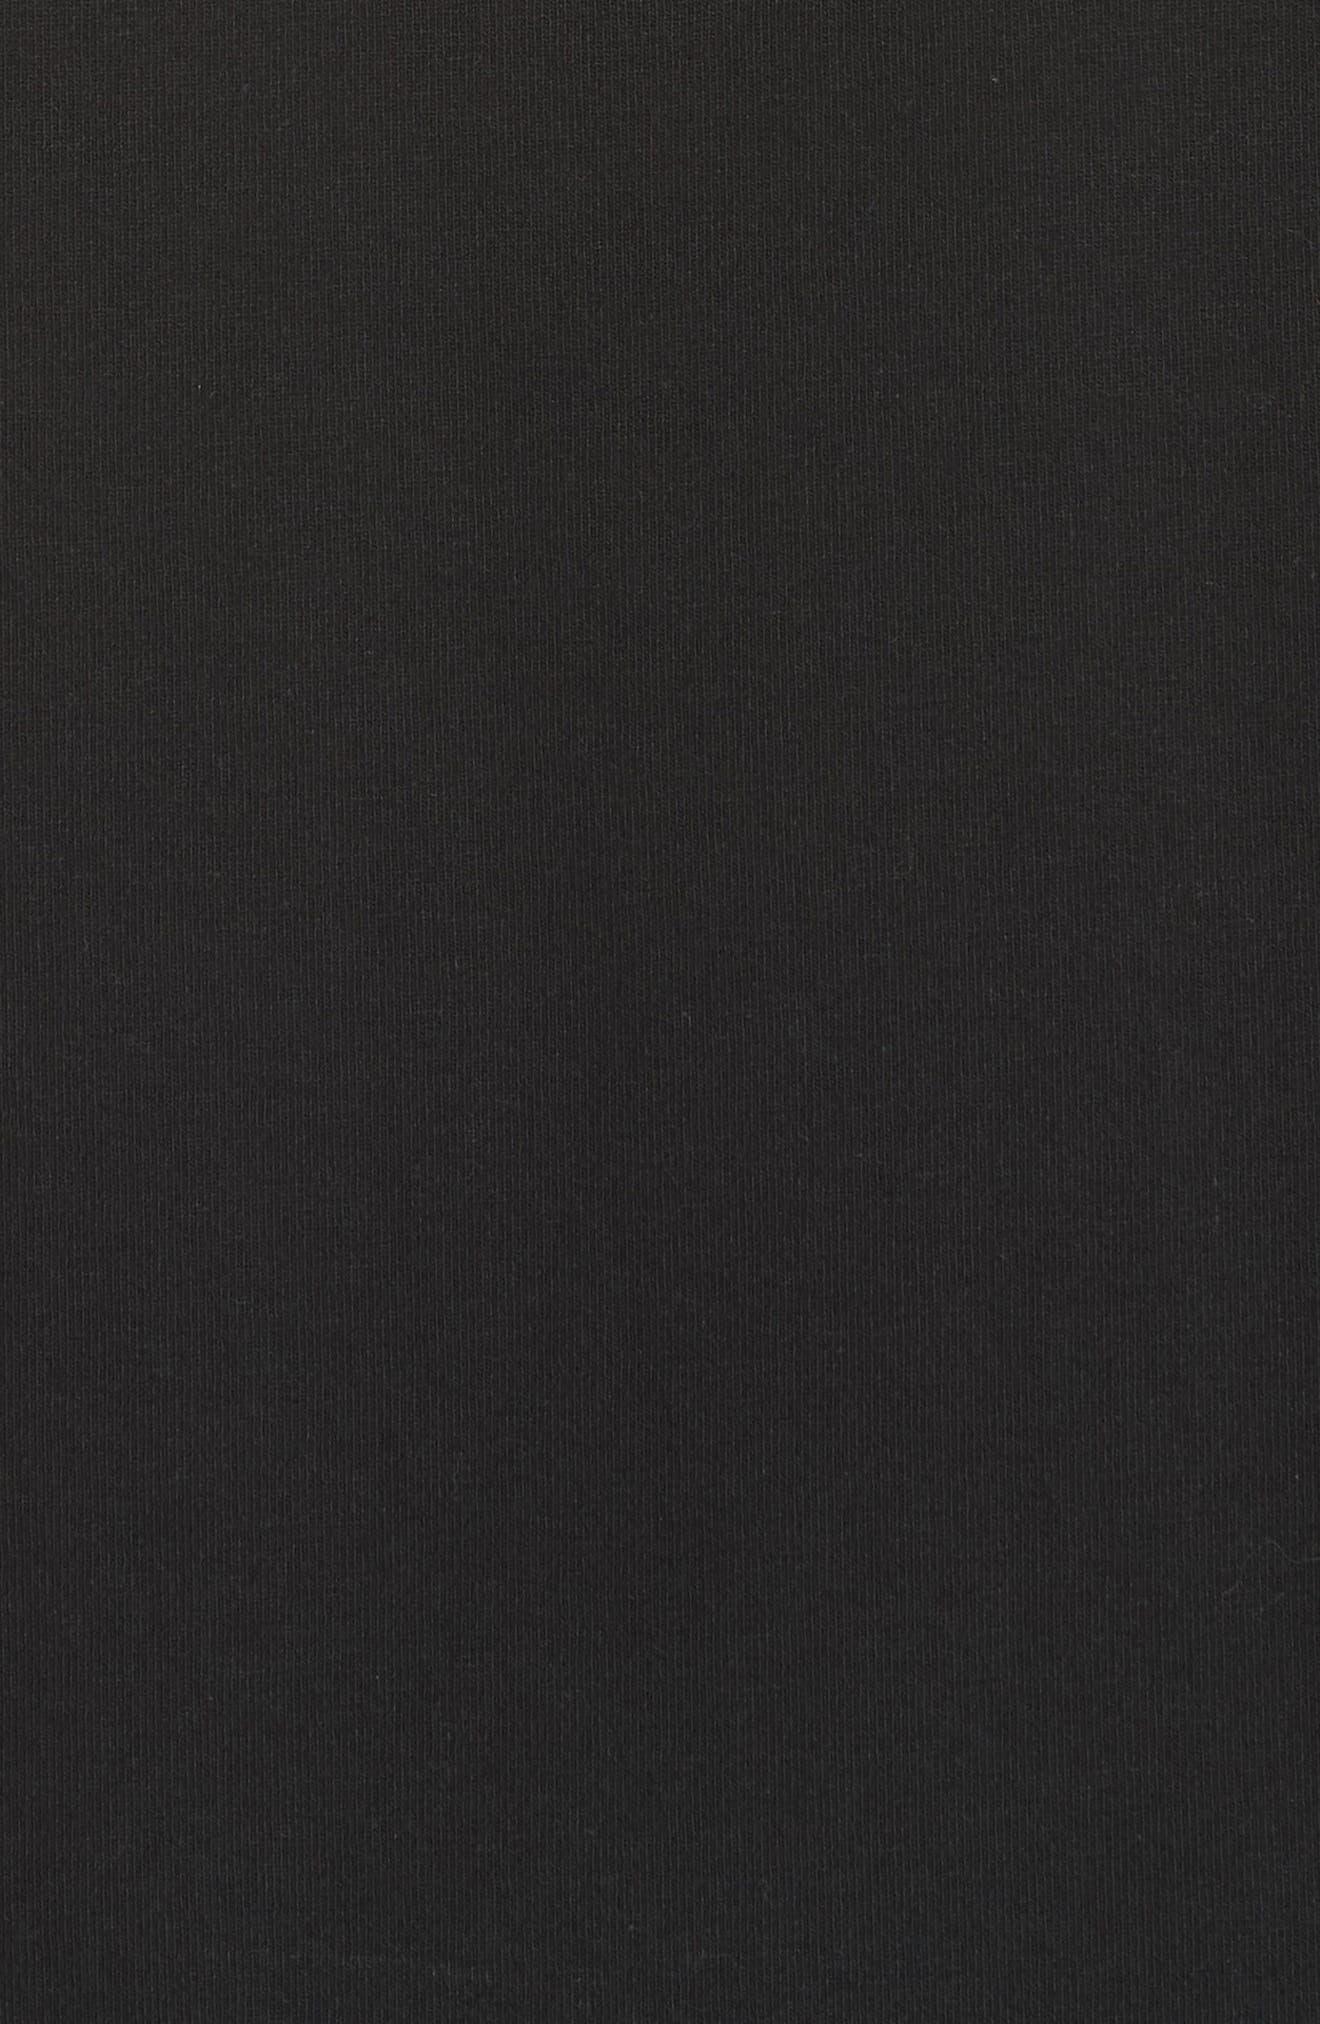 Dennis Hopper T-Shirt,                             Alternate thumbnail 5, color,                             001